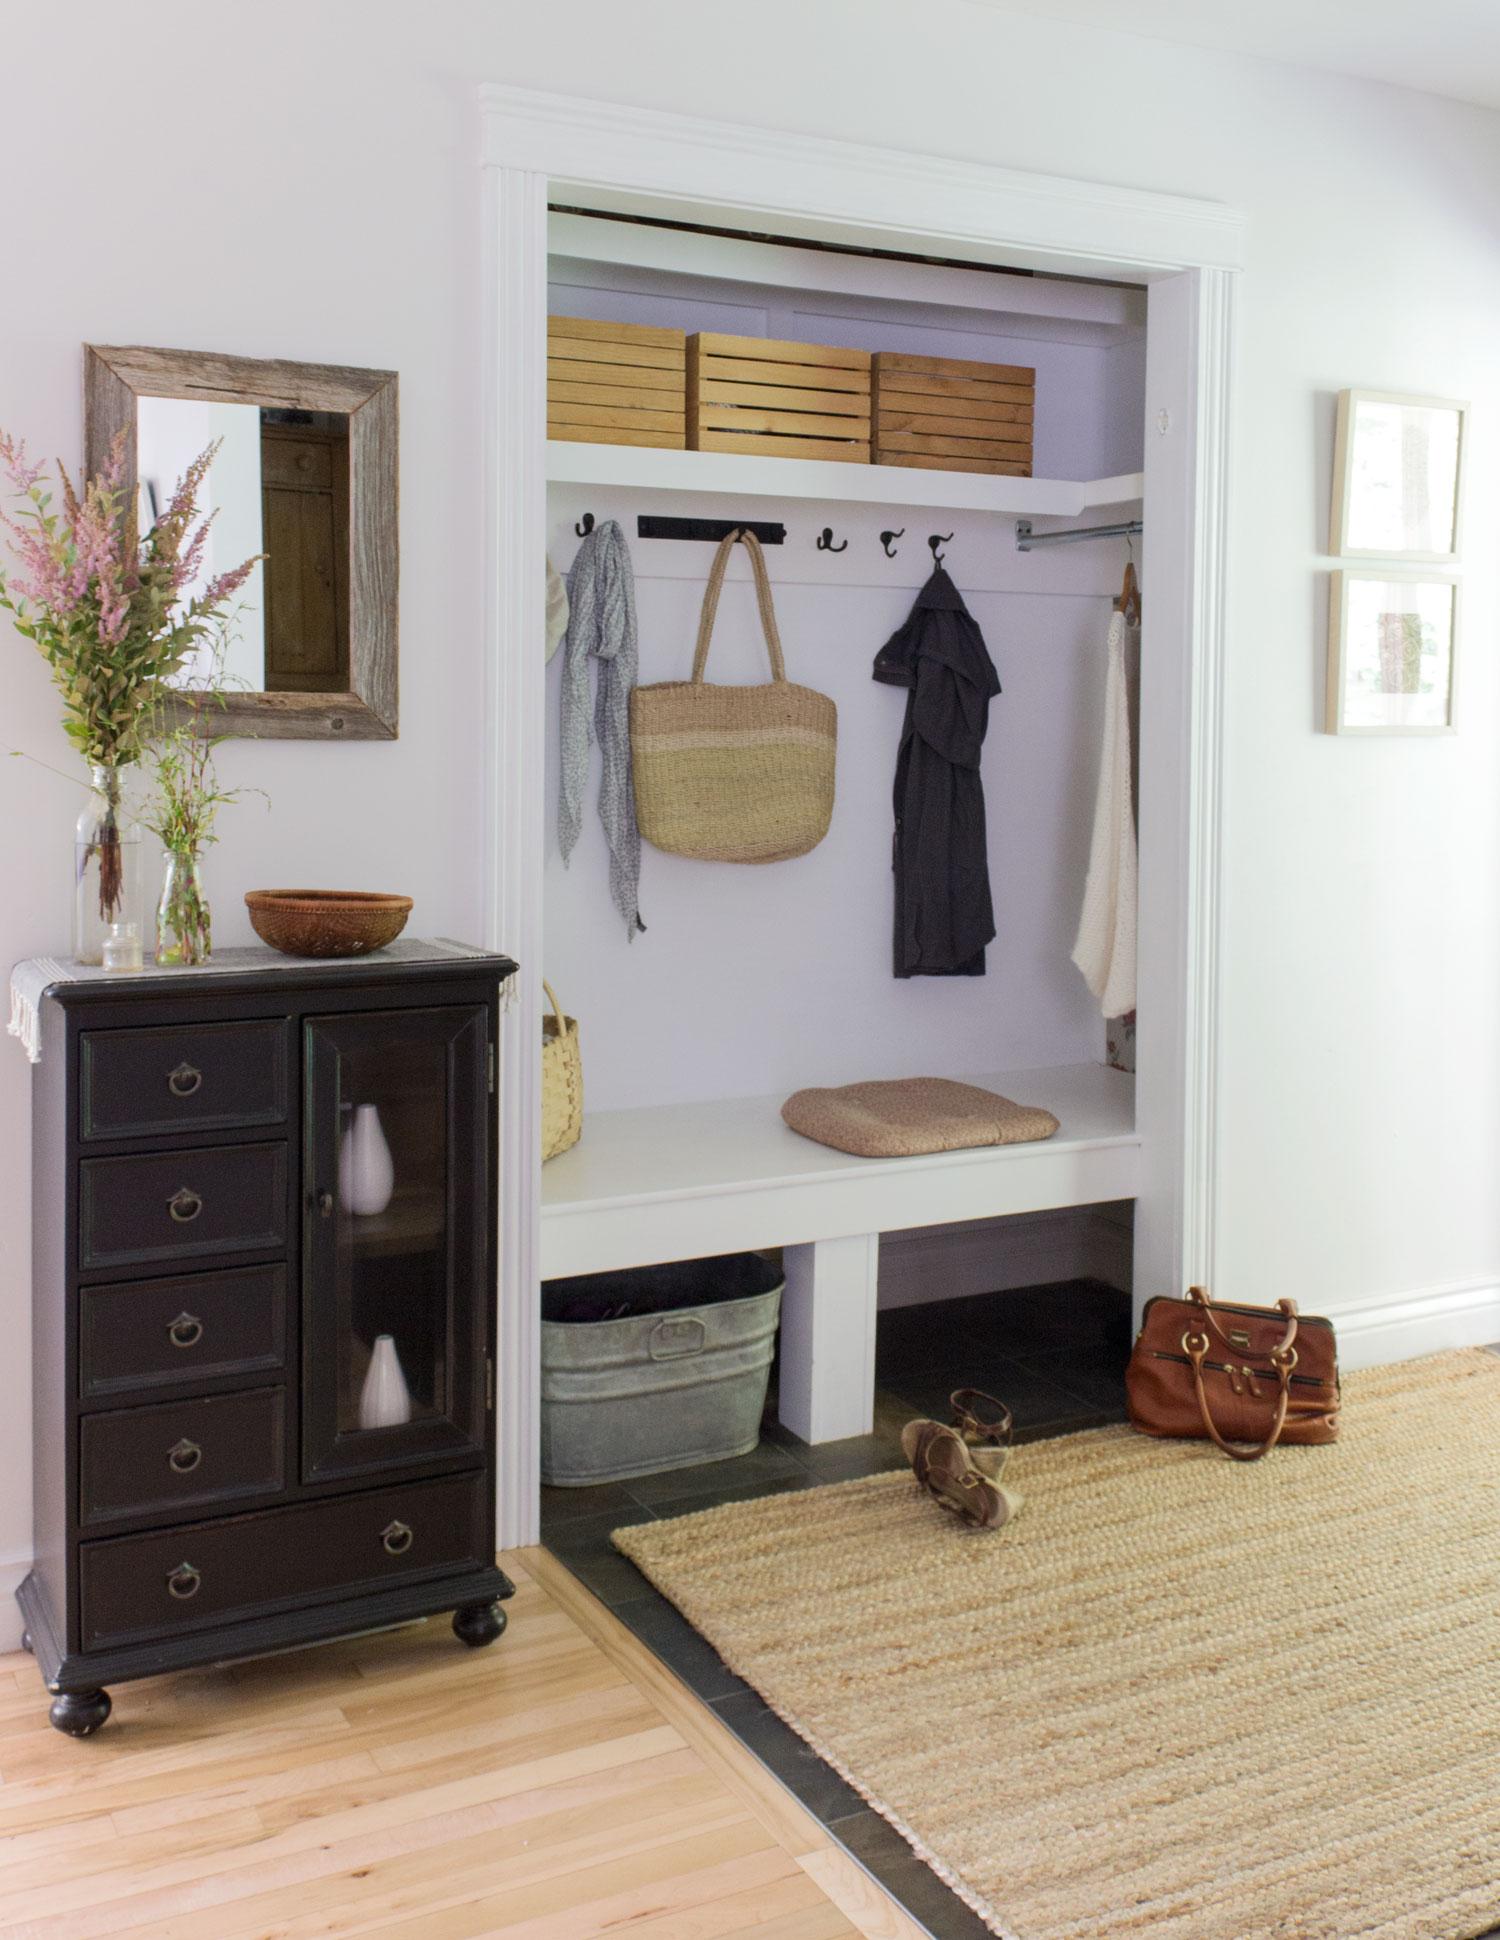 保持家里整洁和自然清洁的日常小习惯